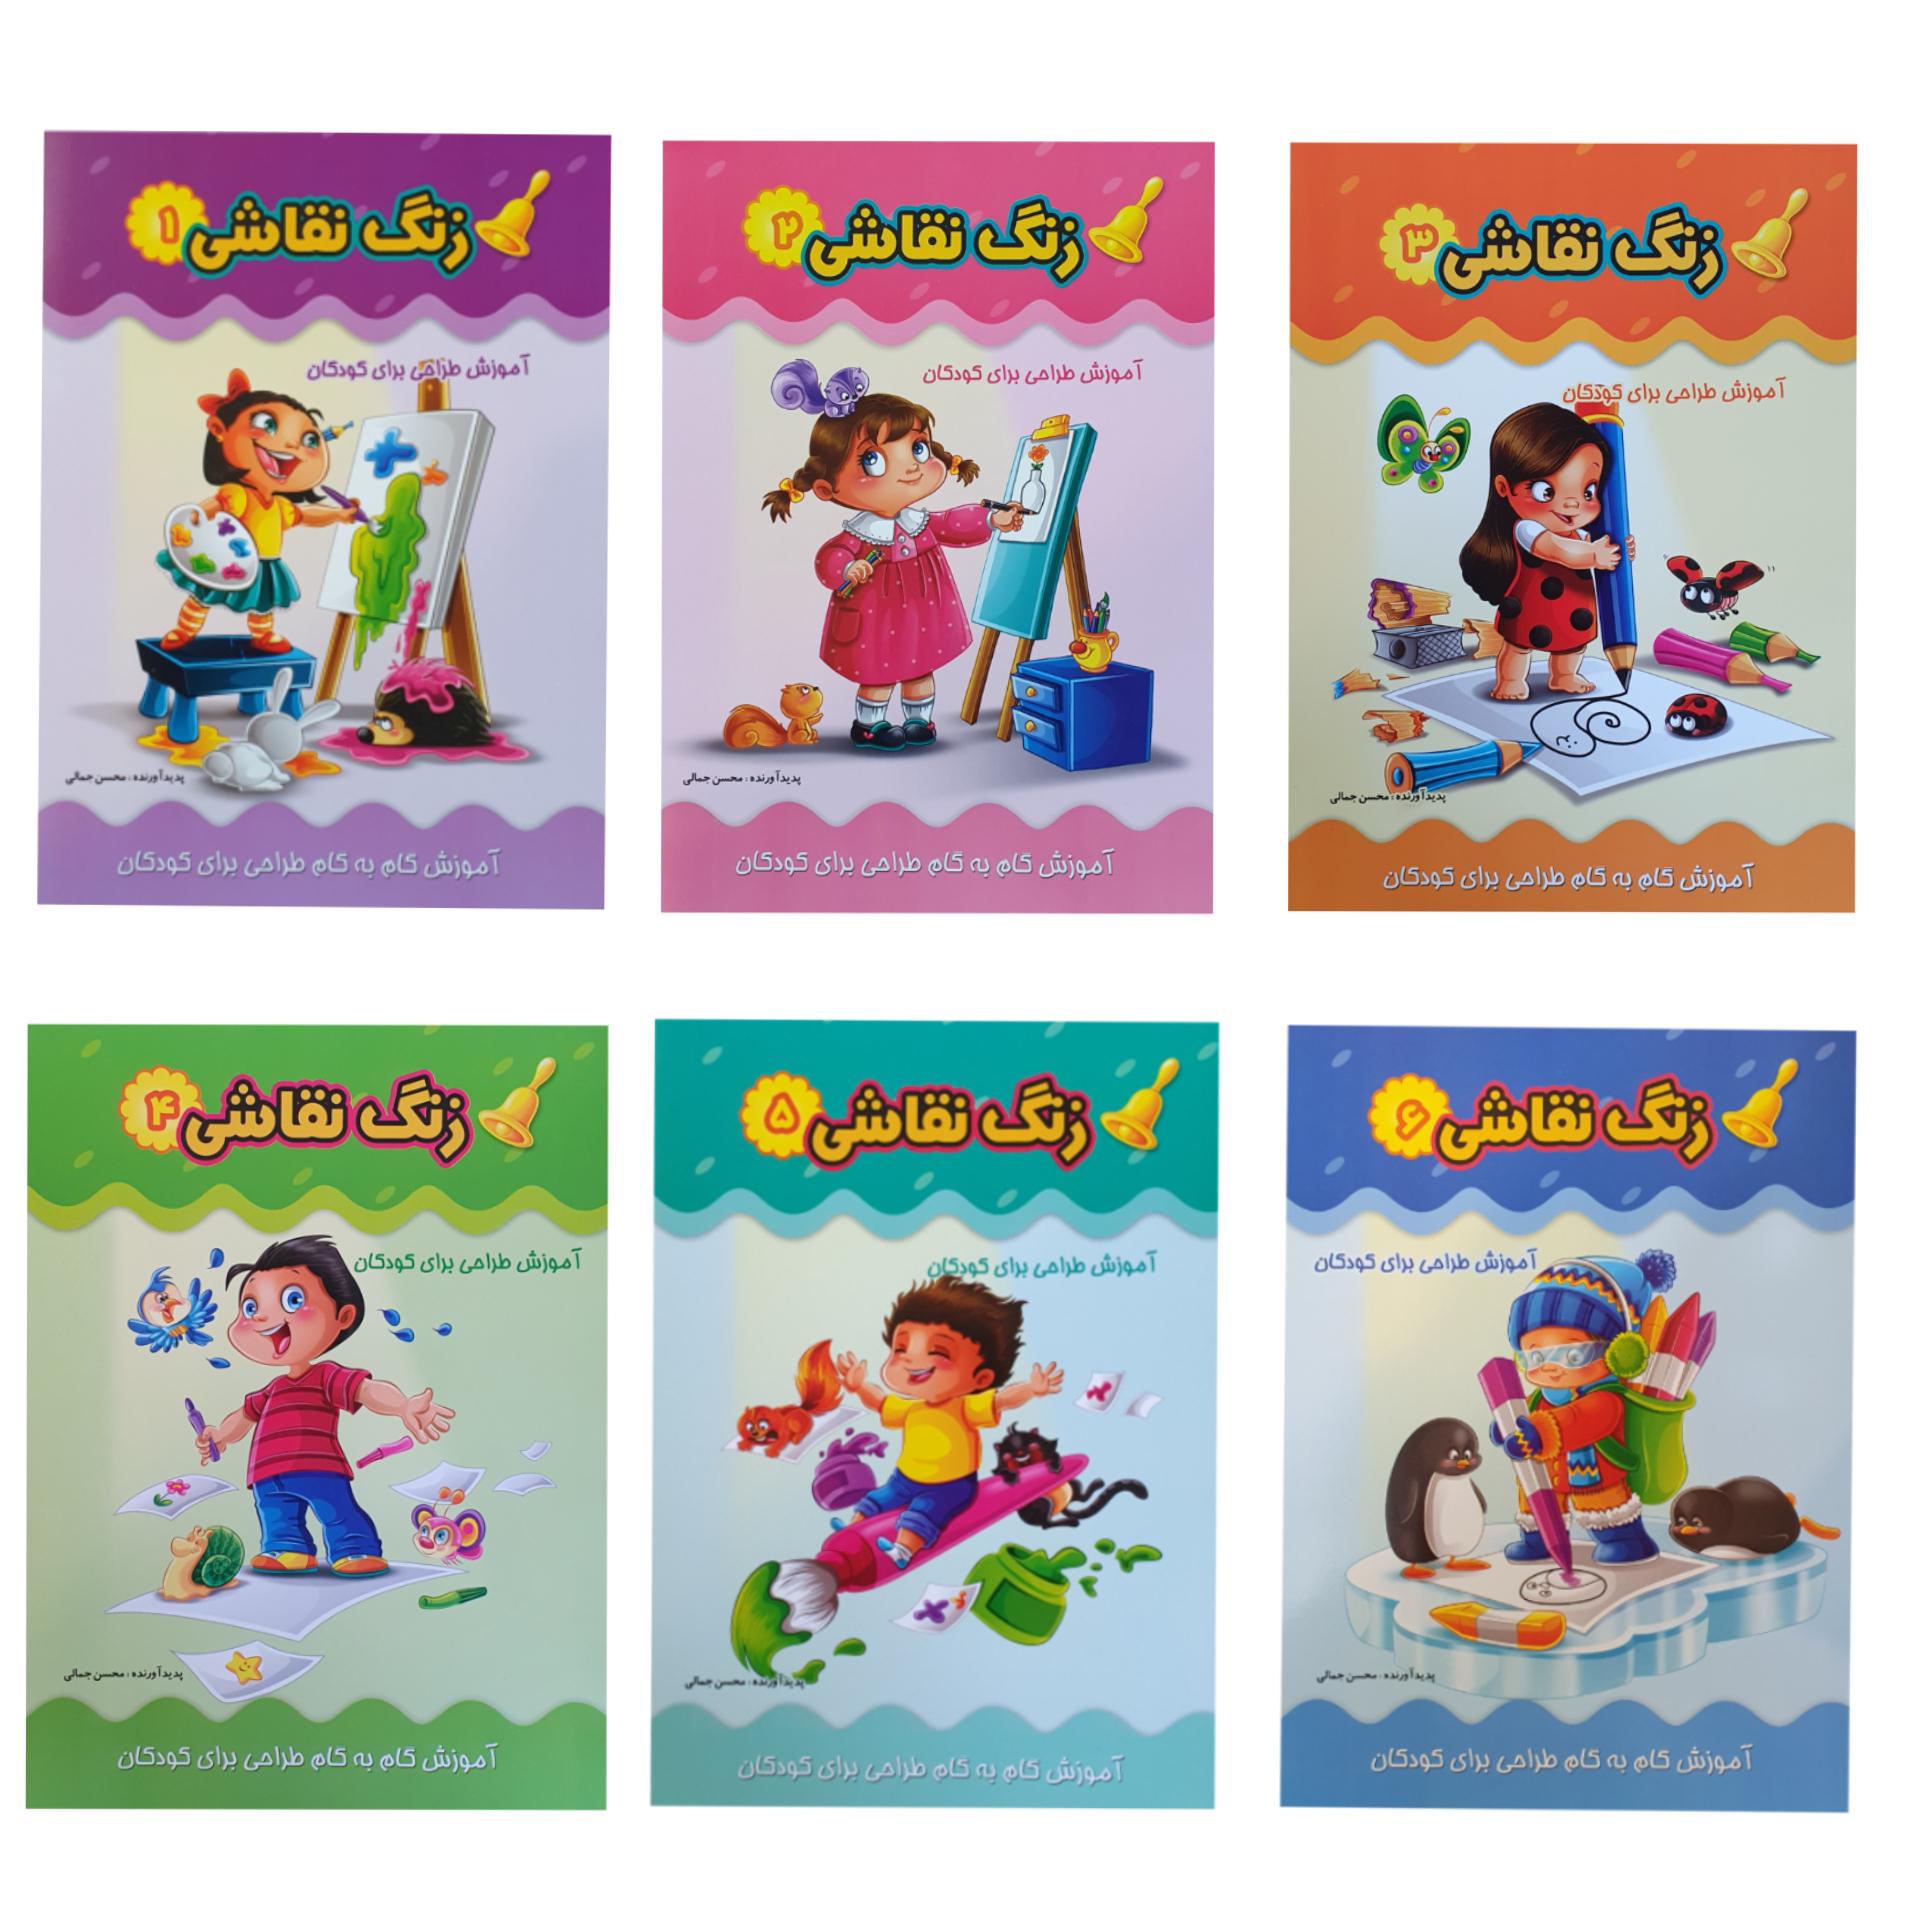 خرید                      کتاب زنگ نقاشی آموزش طراحی برای کودکان اثر محسن جمالی نشر آبشن ۶ جلدی